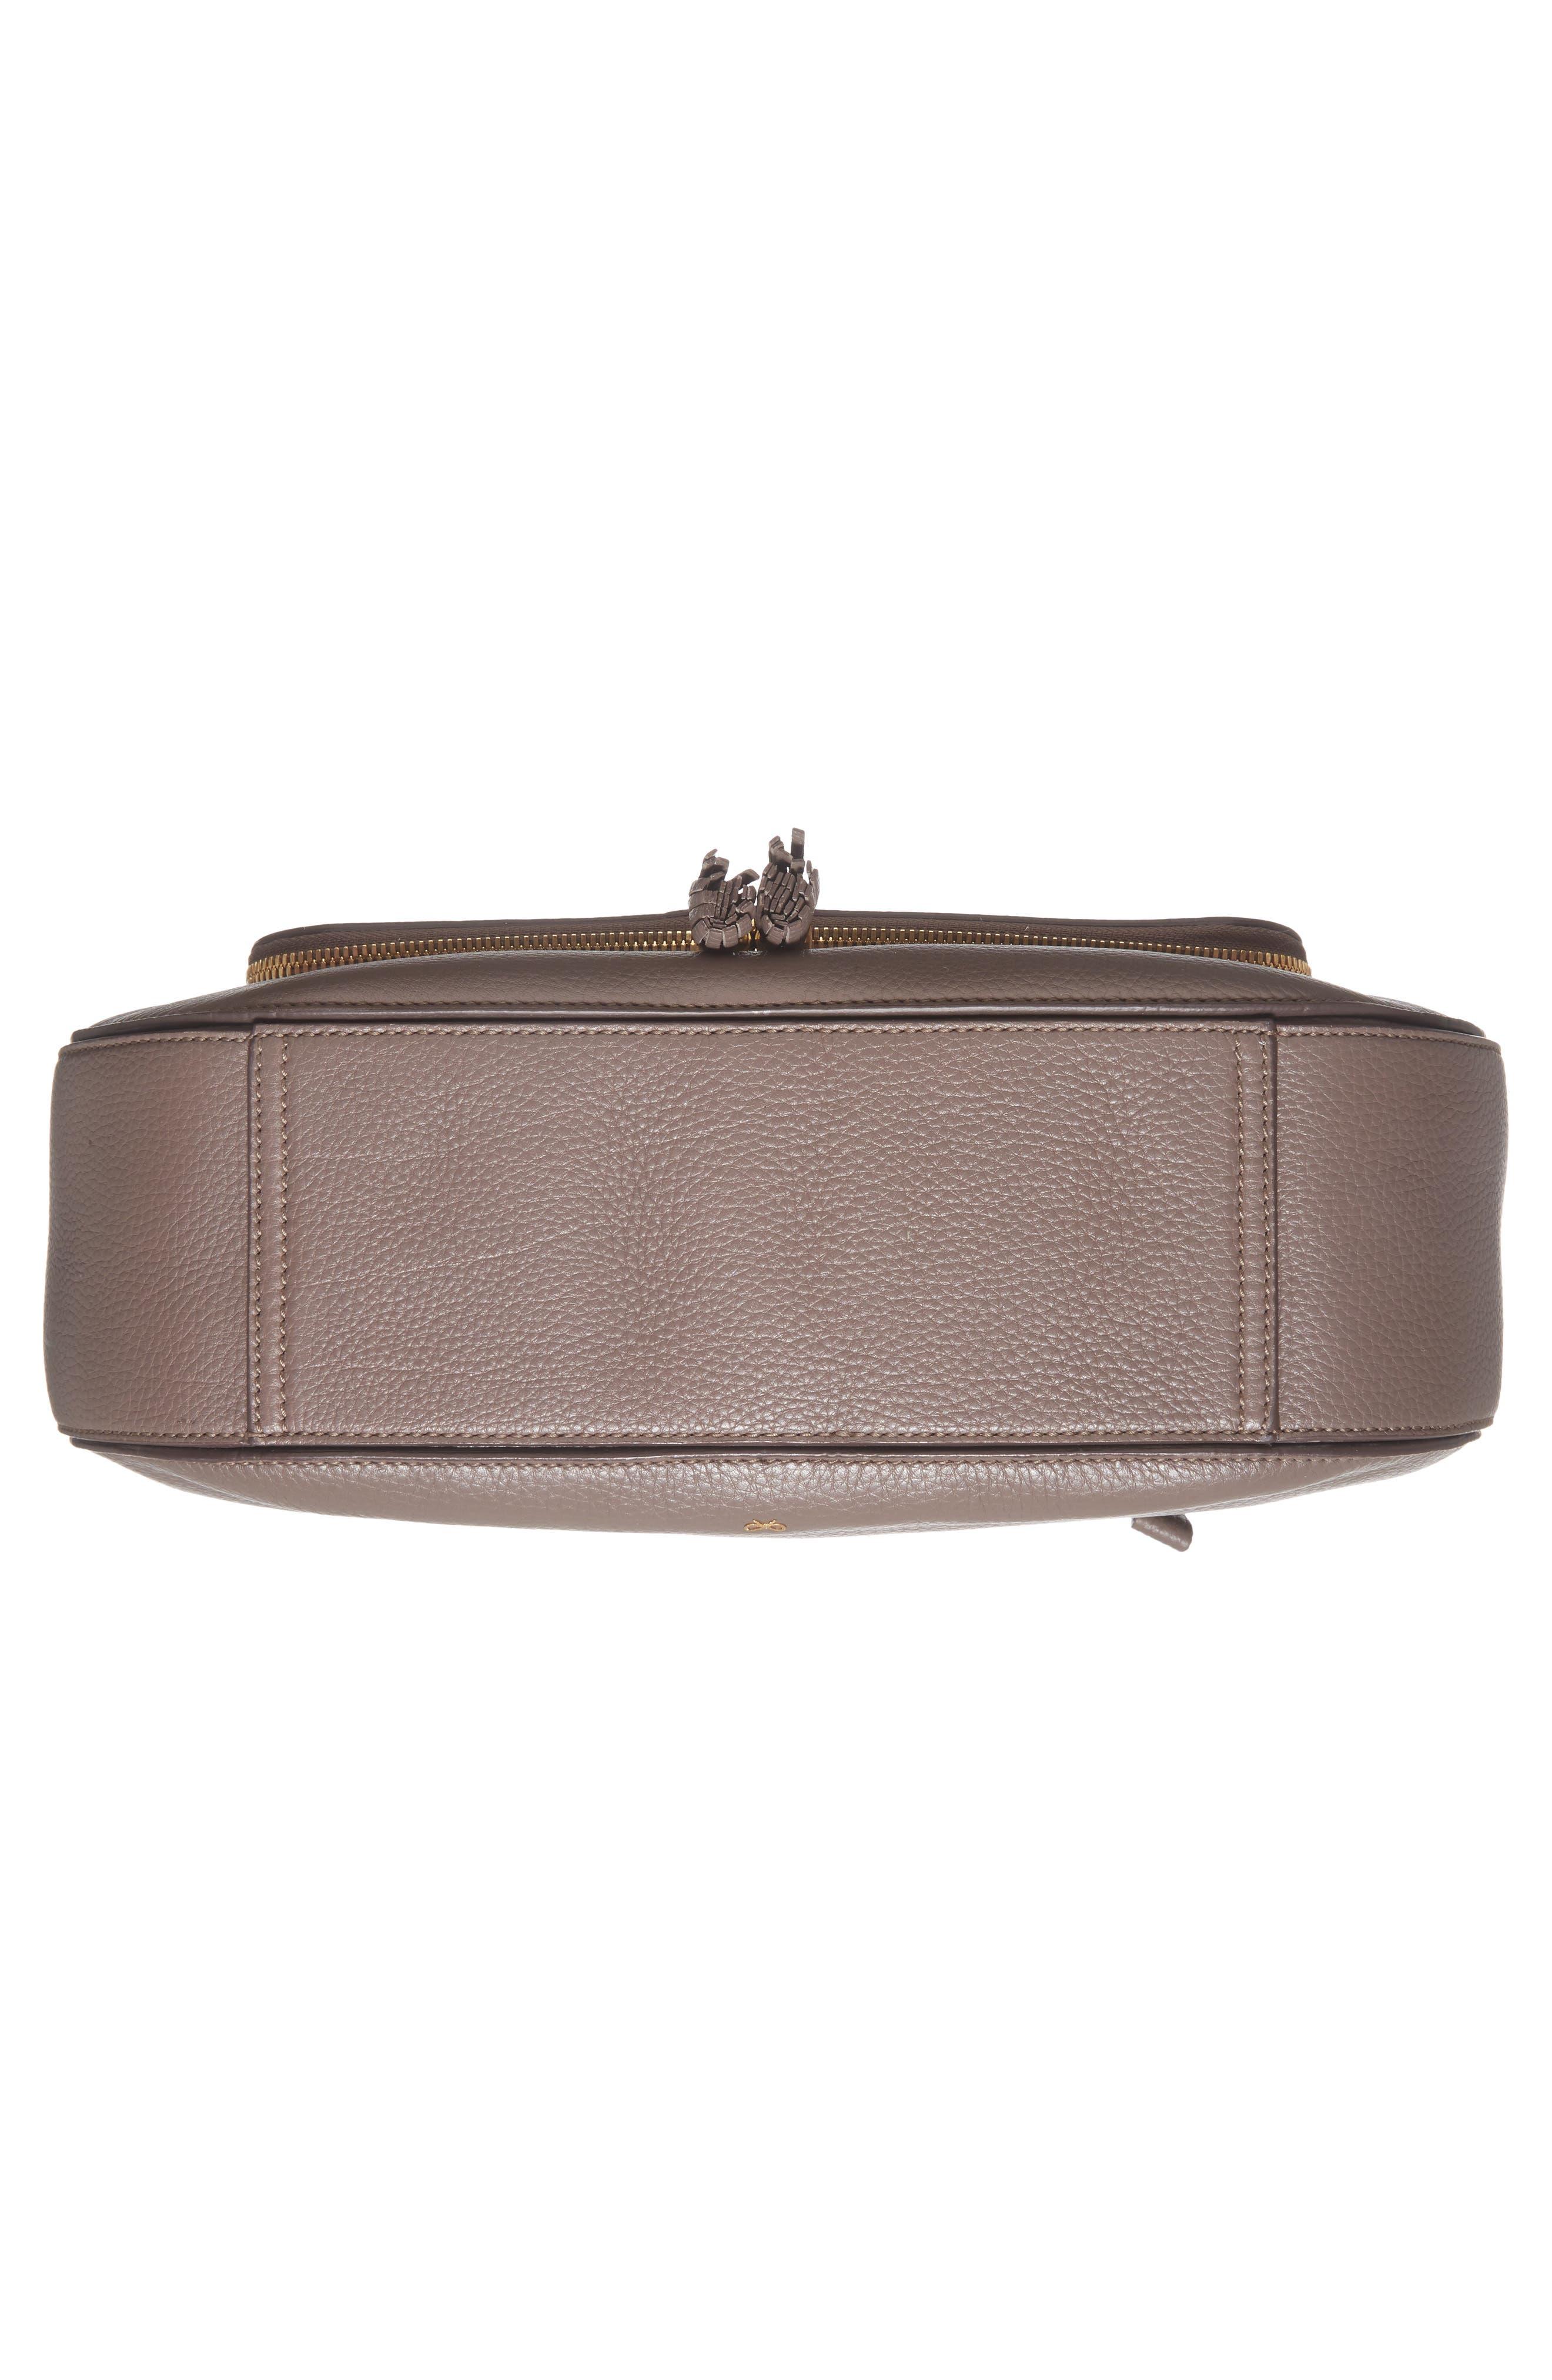 Maxi Vere Leather Satchel,                             Alternate thumbnail 6, color,                             Porcini